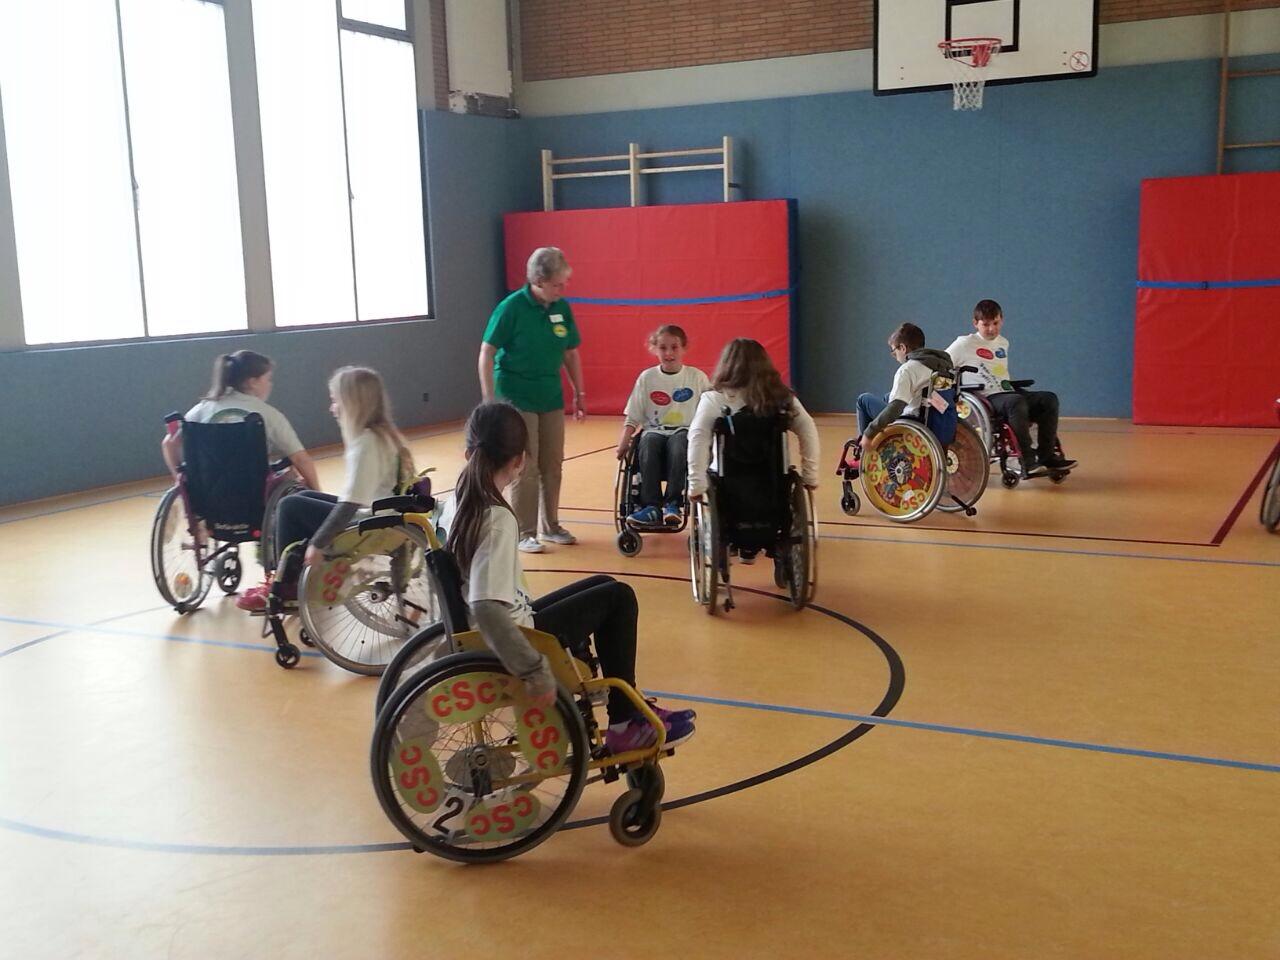 Übungen mit dem Rollstuhl